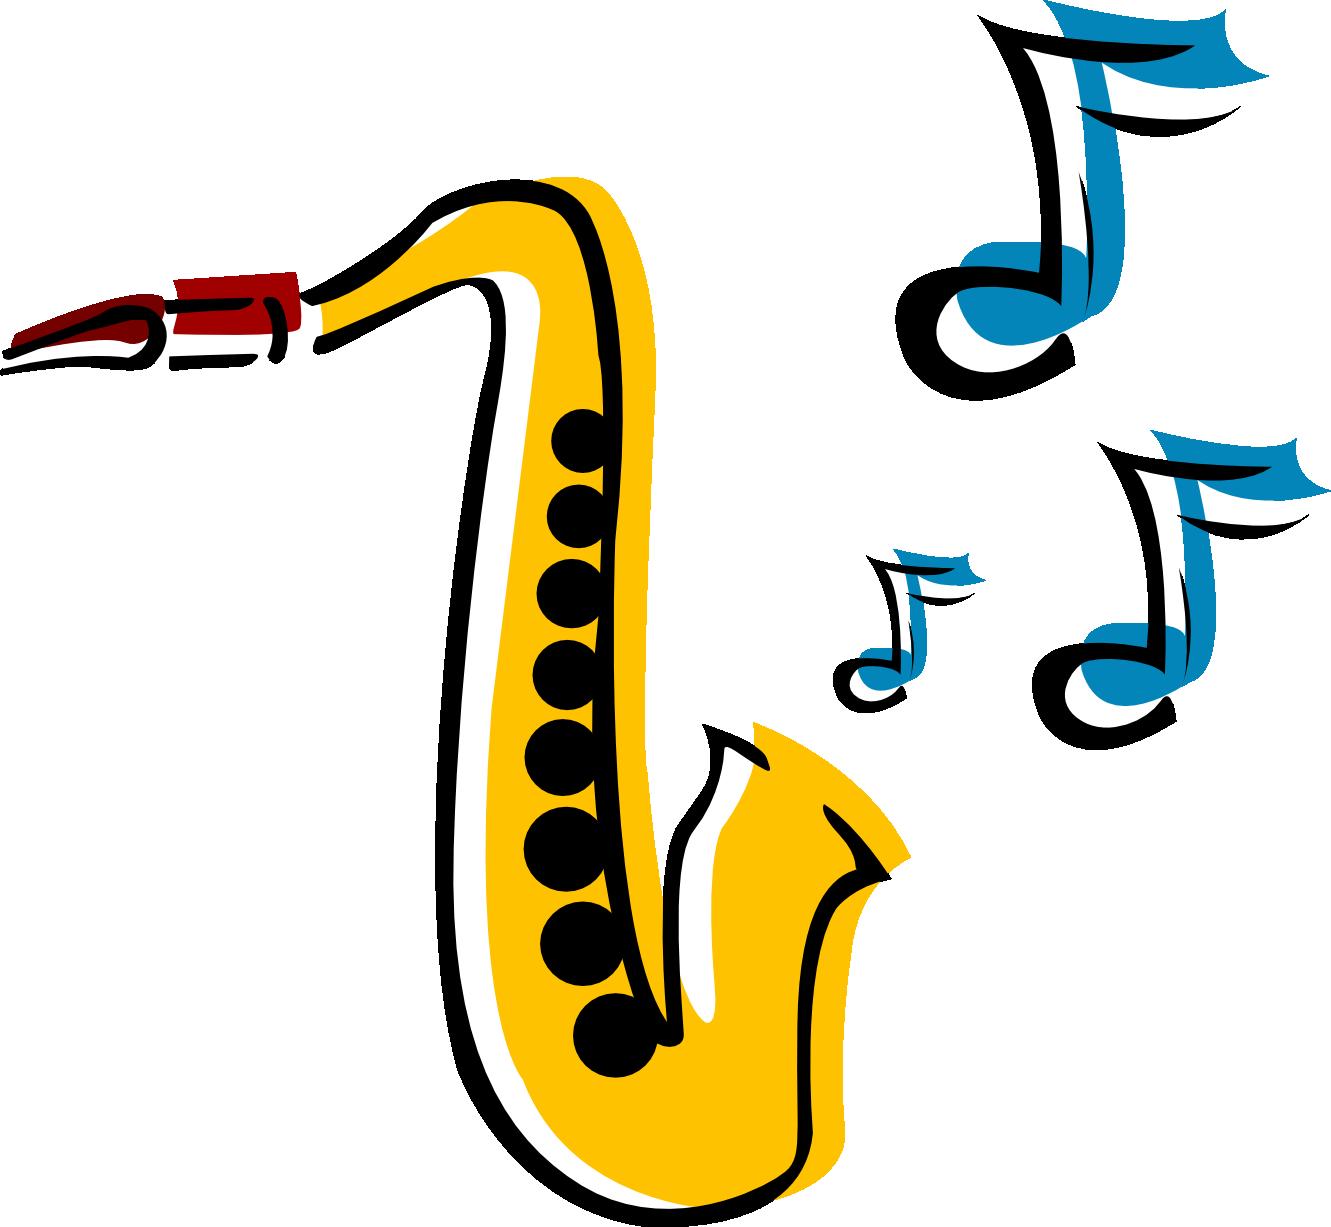 Jazz rhythm blues